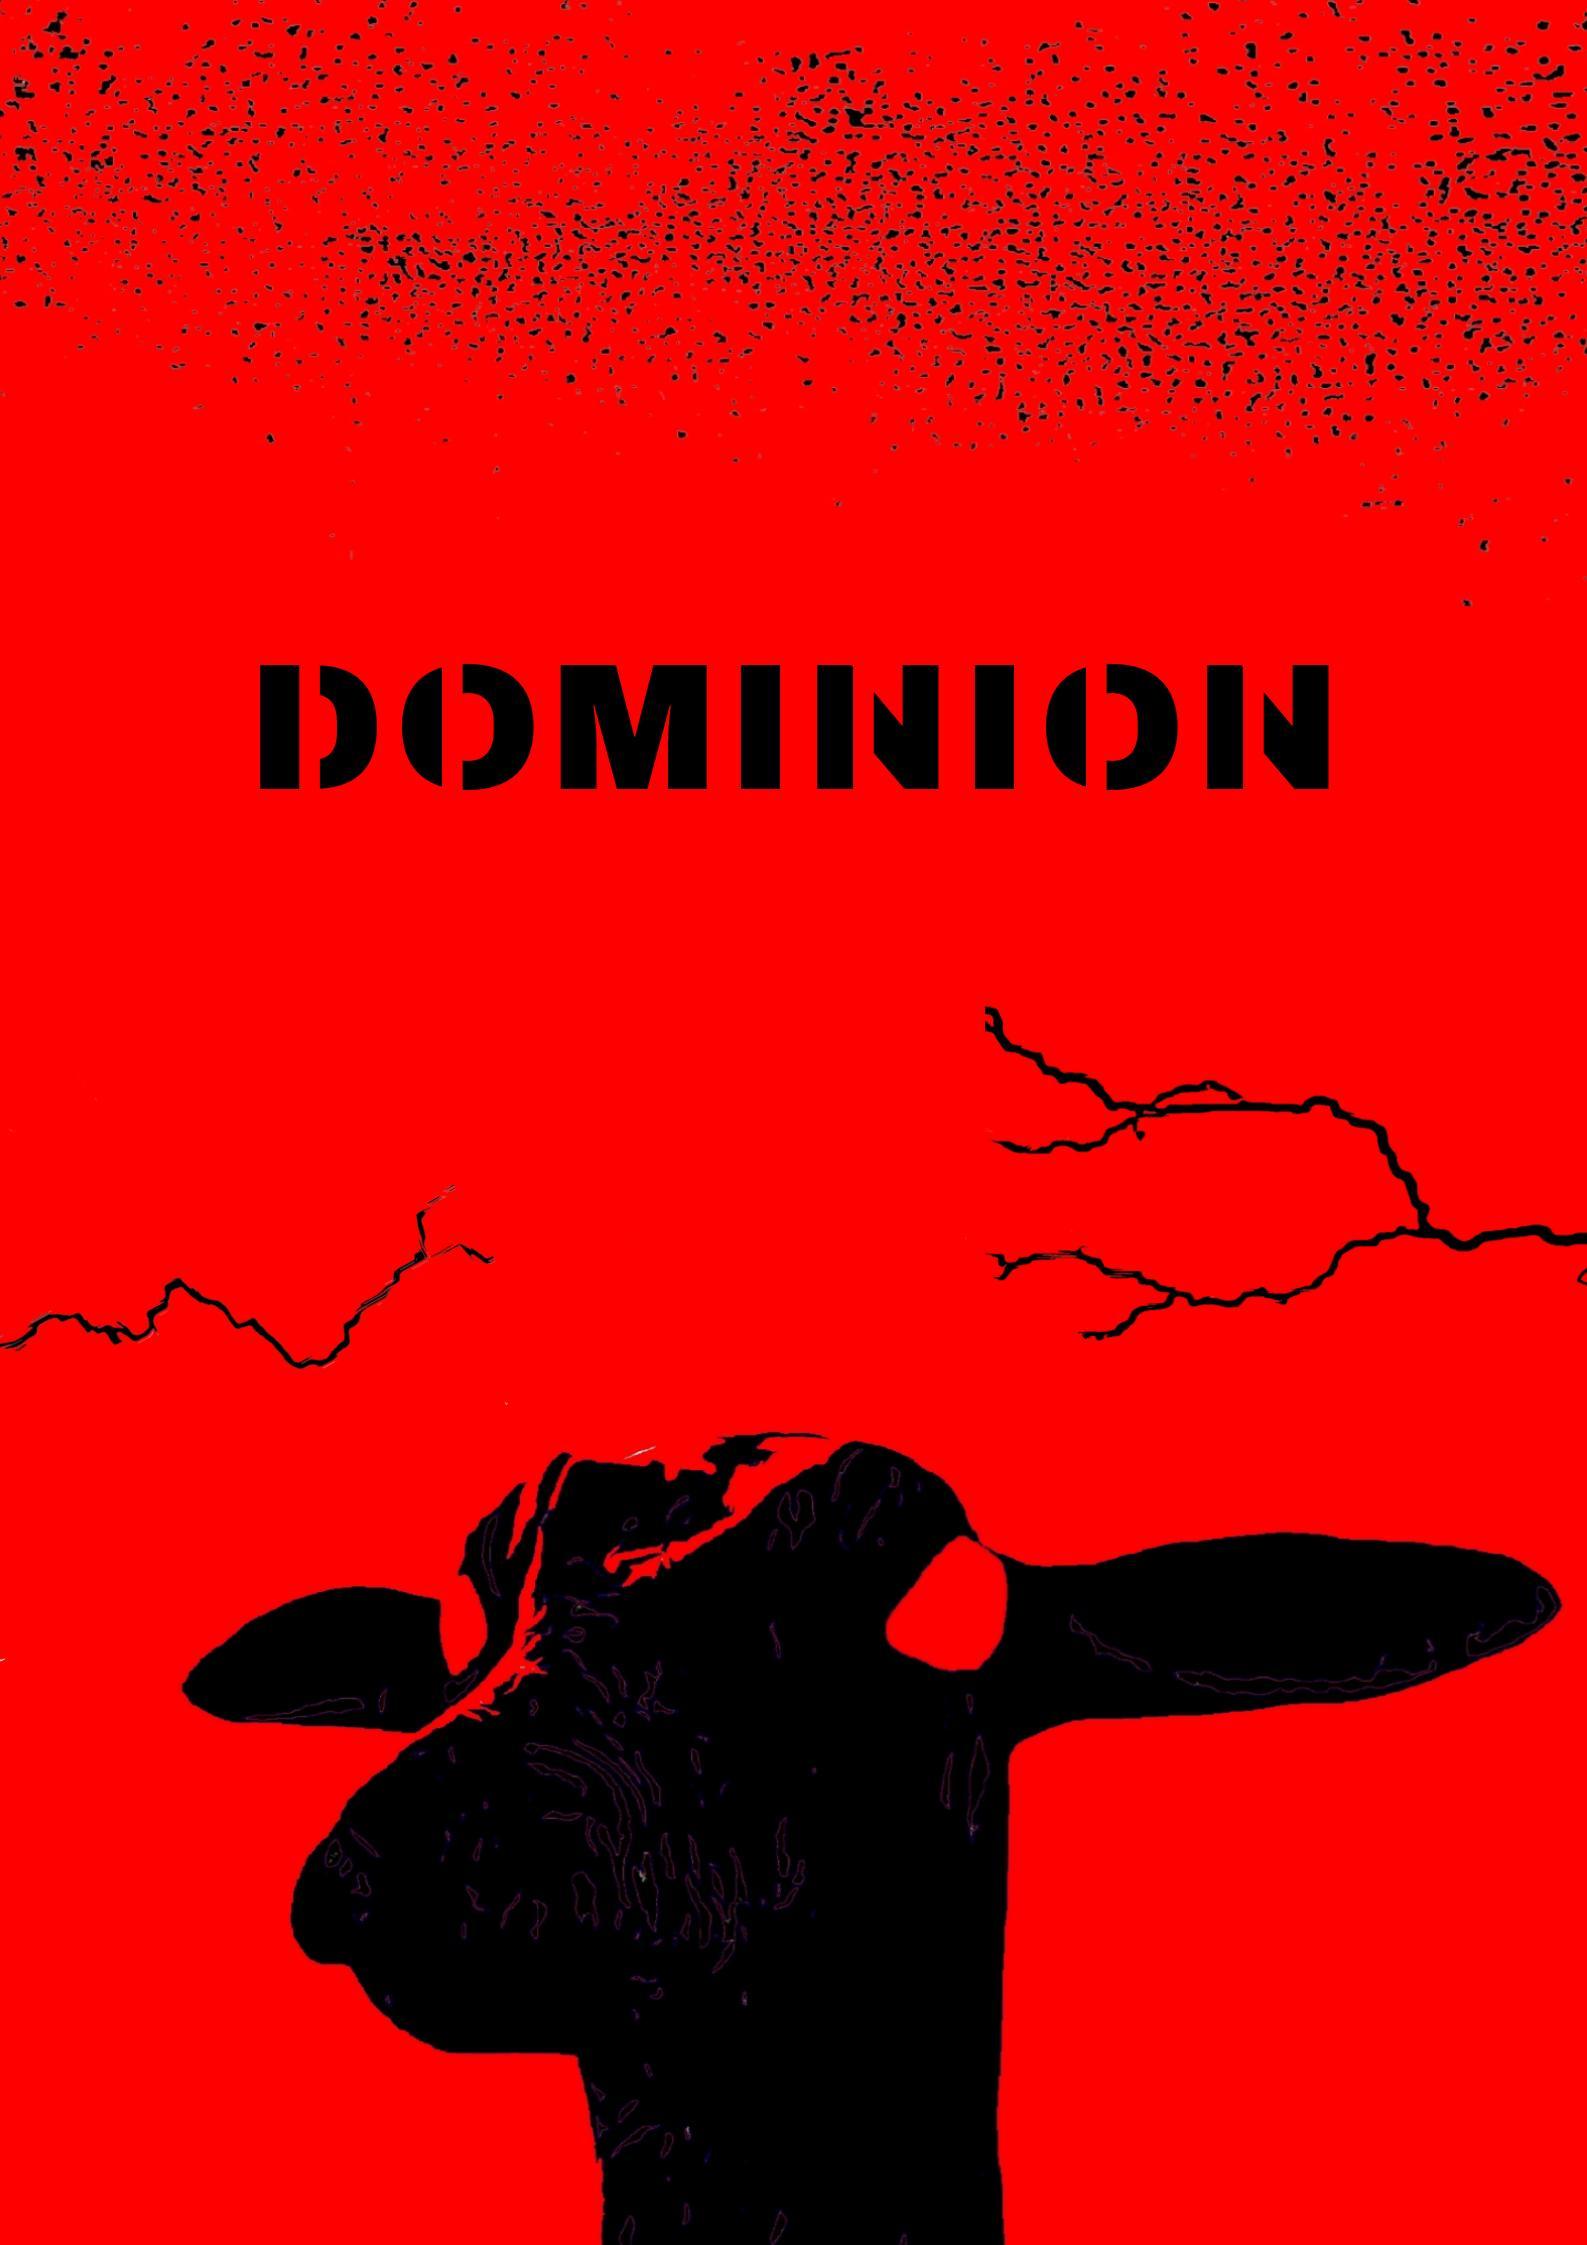 Dominion (2020)